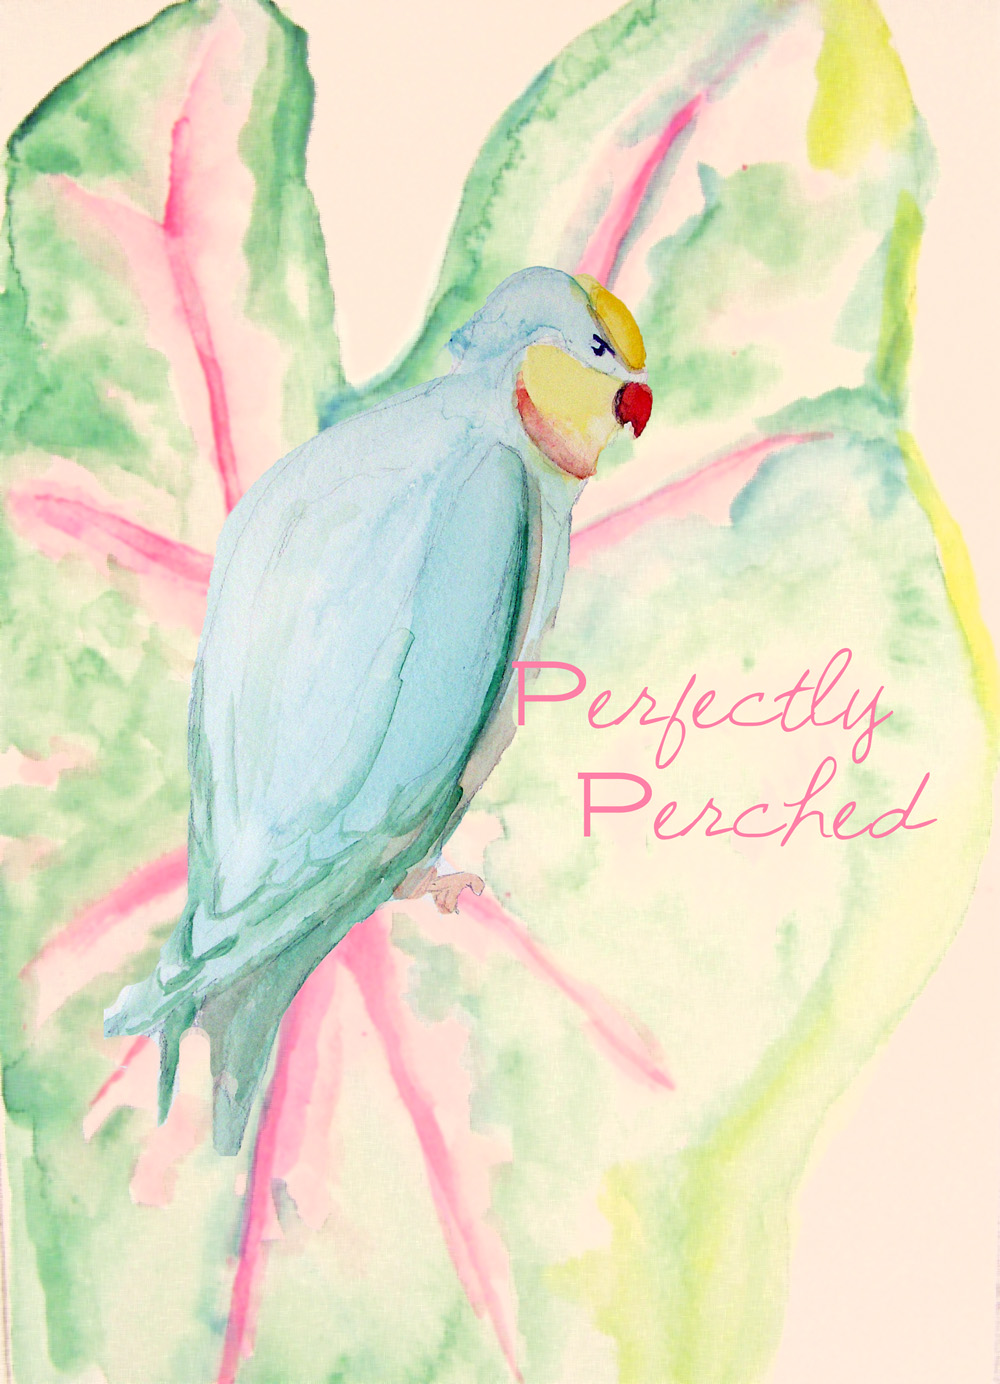 Parakeetperch